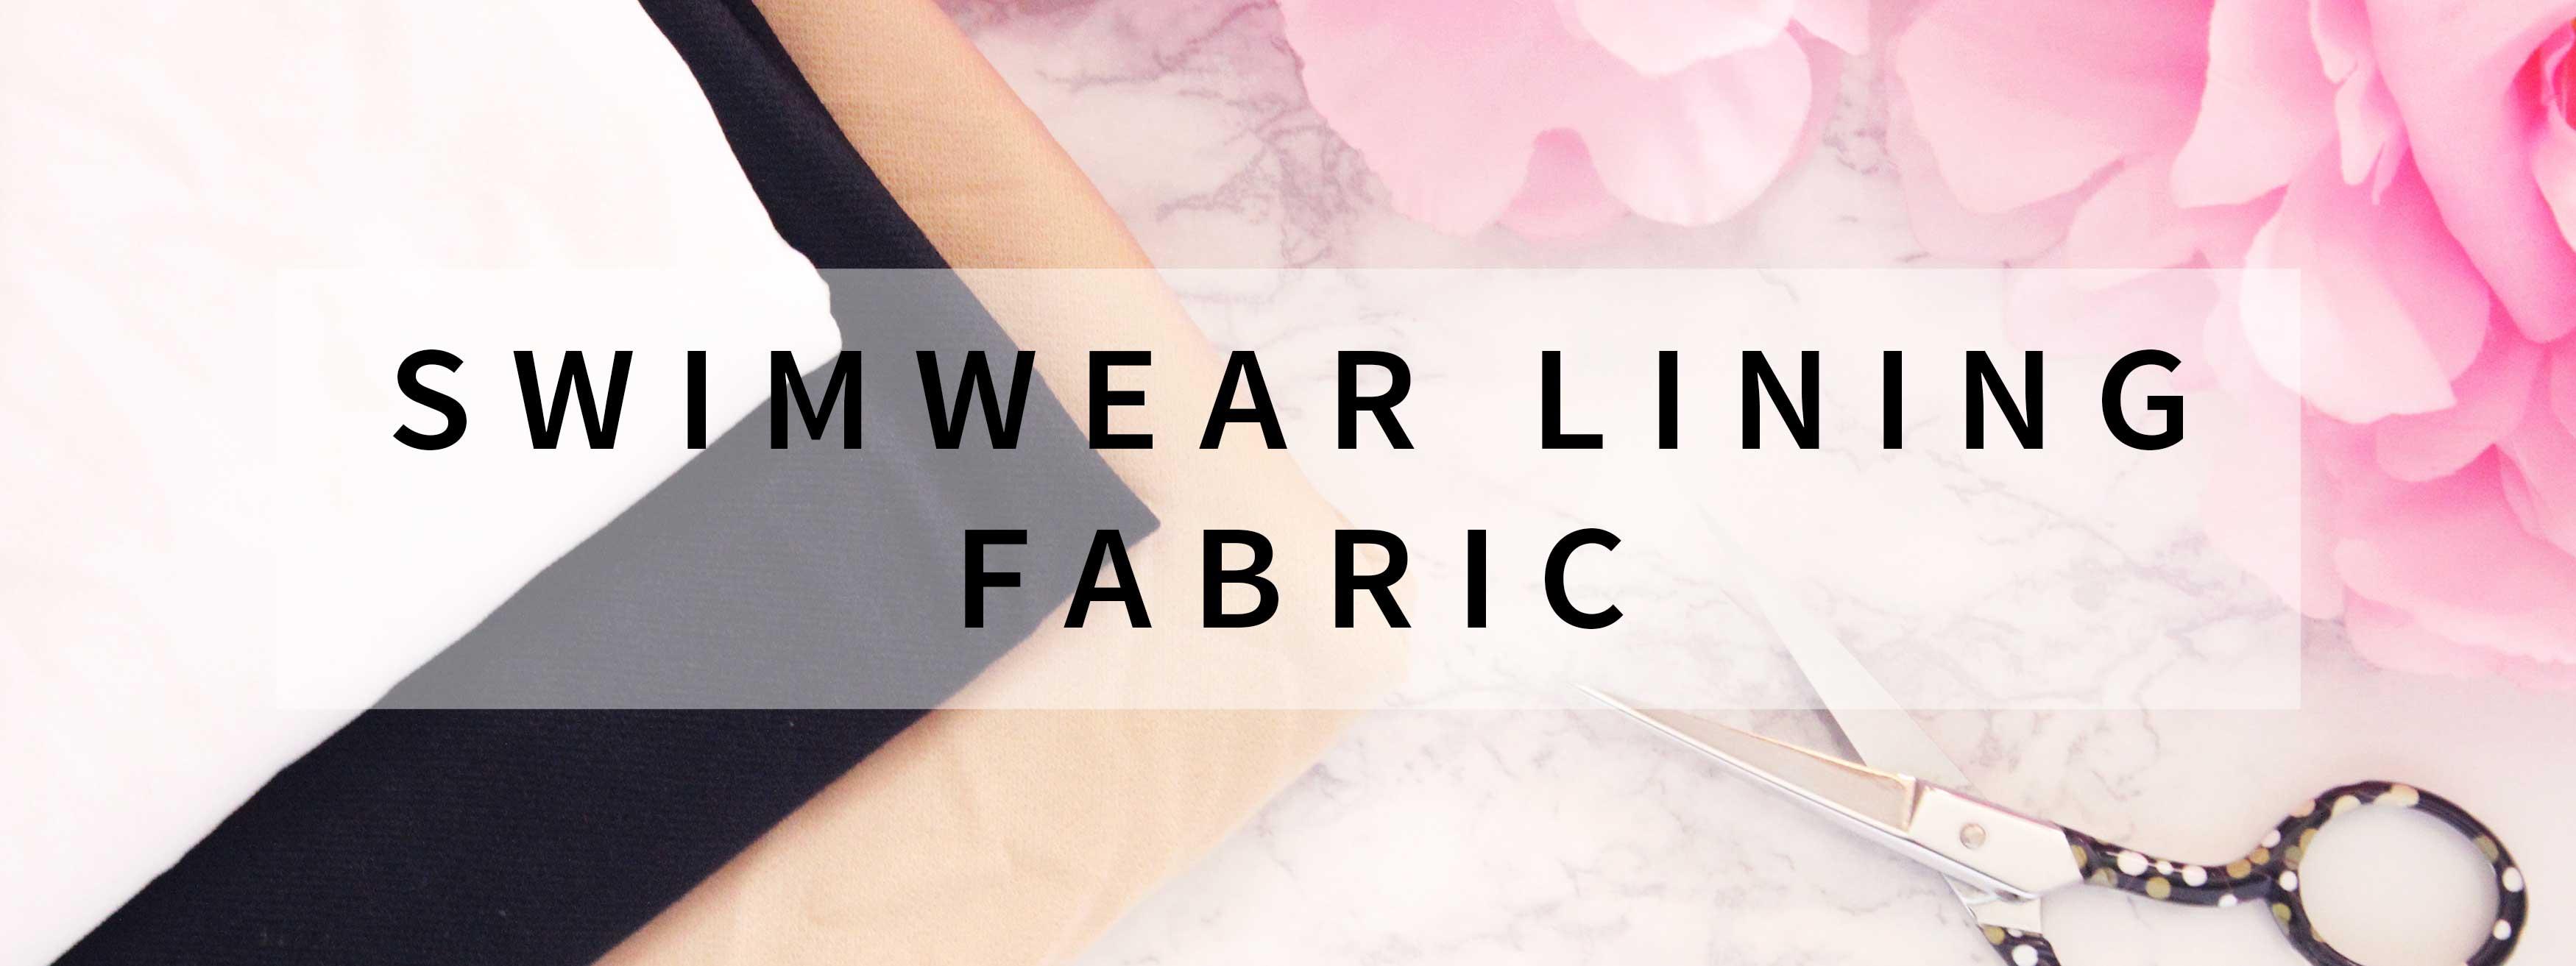 Where to buy Swimwear Fabrics & Supplies Sewing Your Own Swimwear